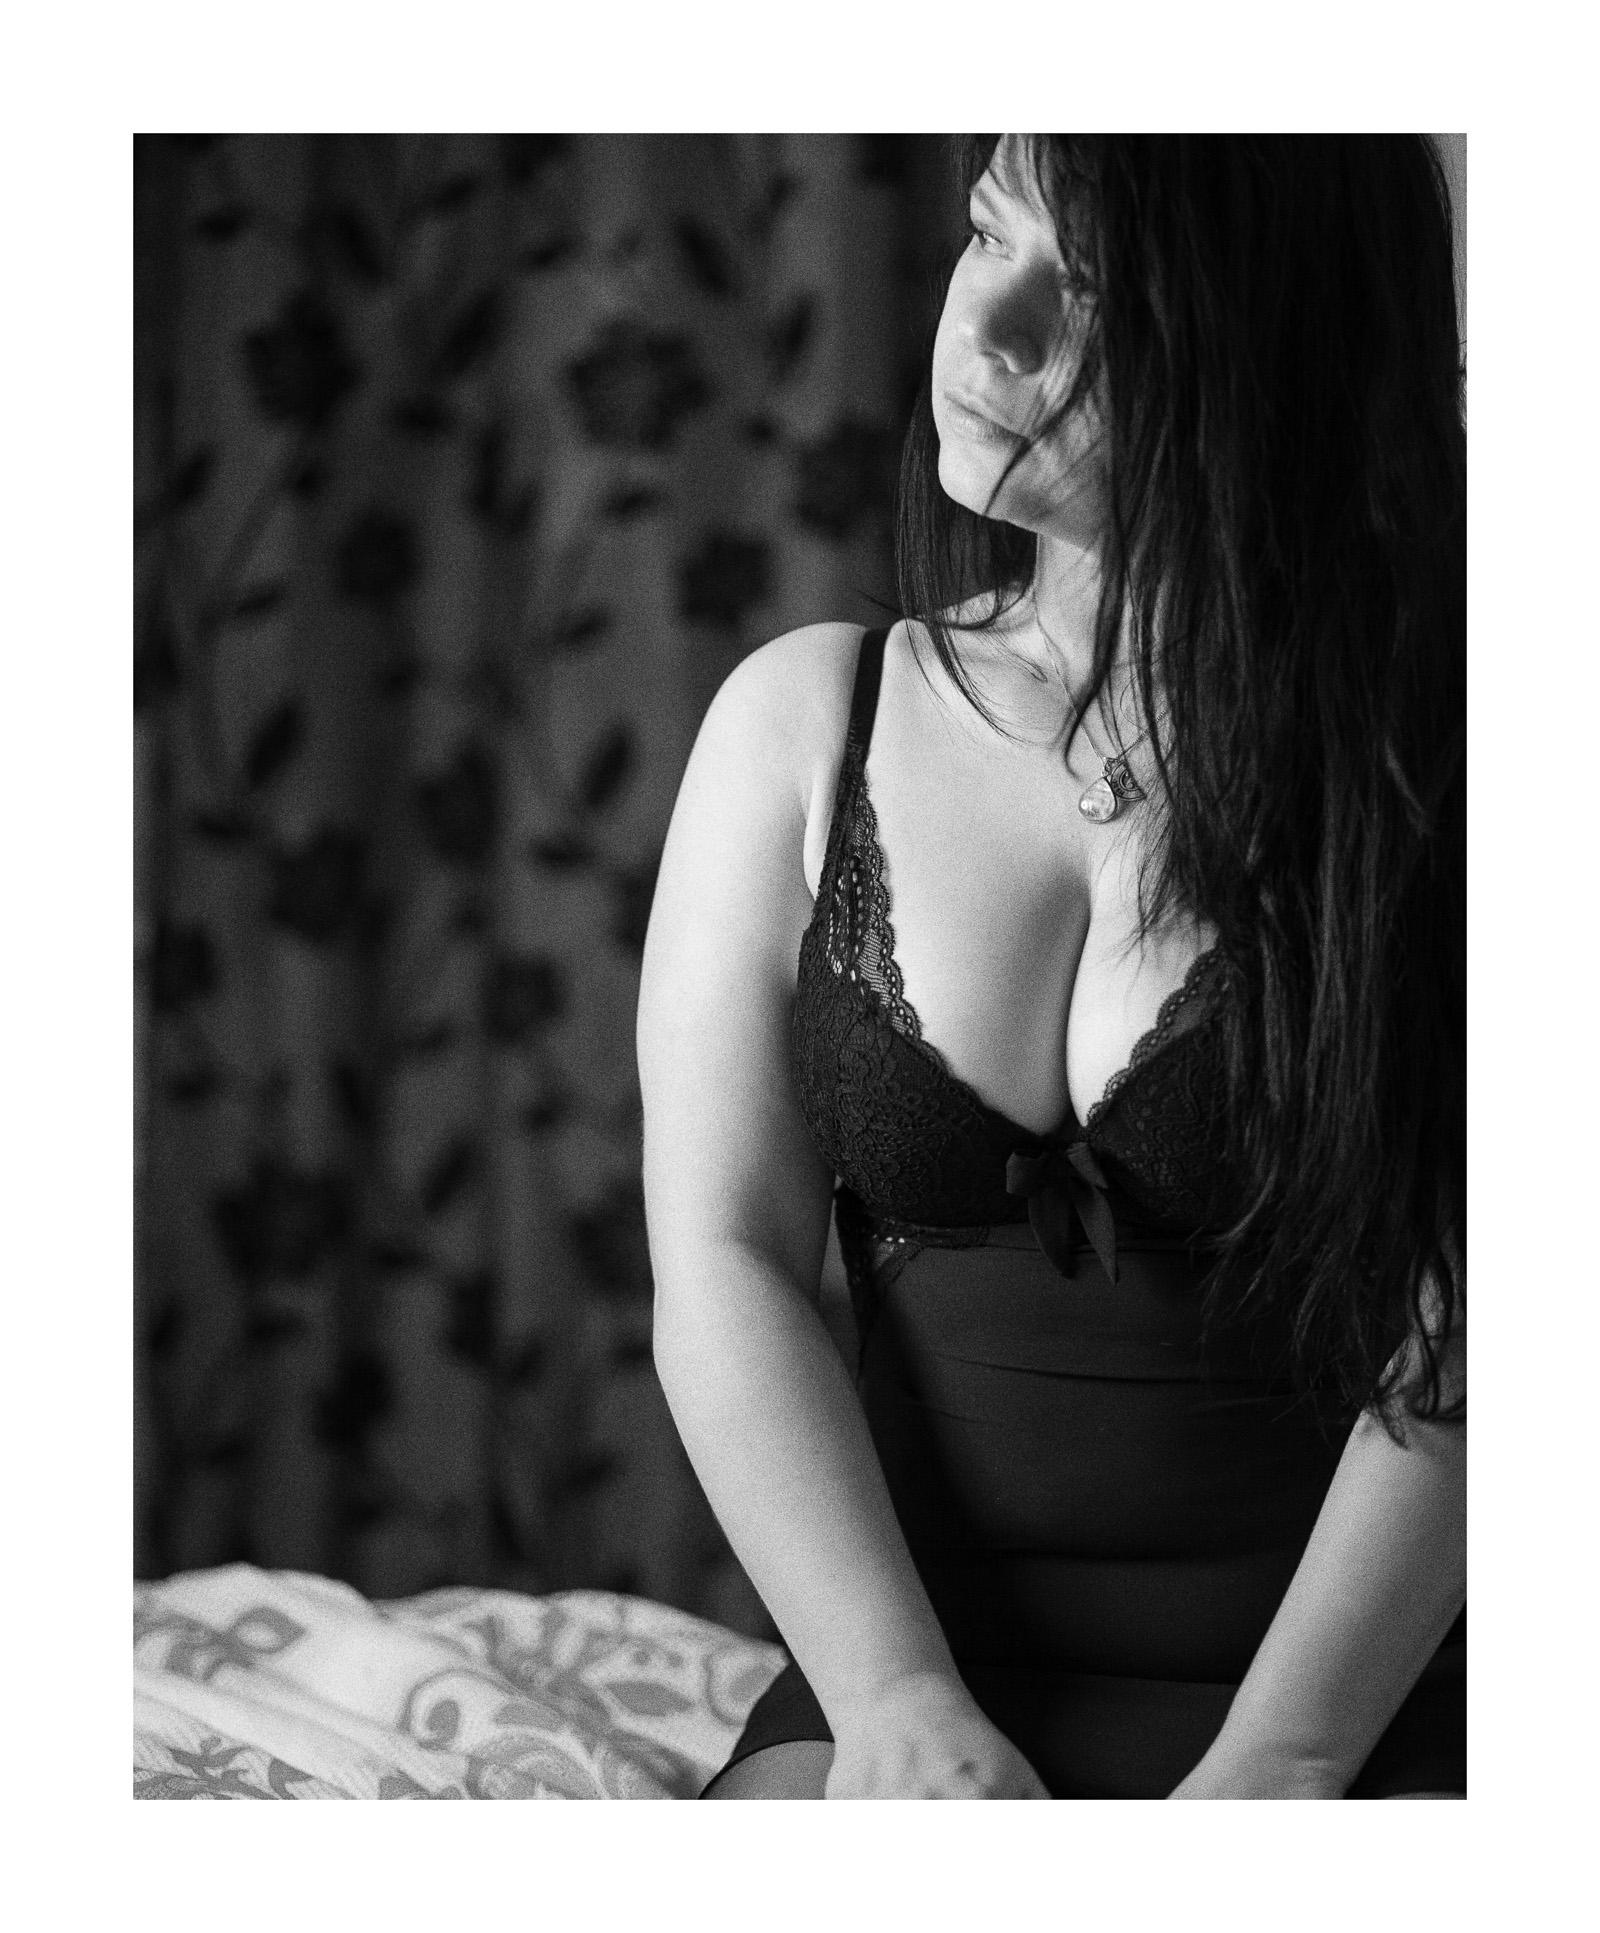 Stephanie - Black